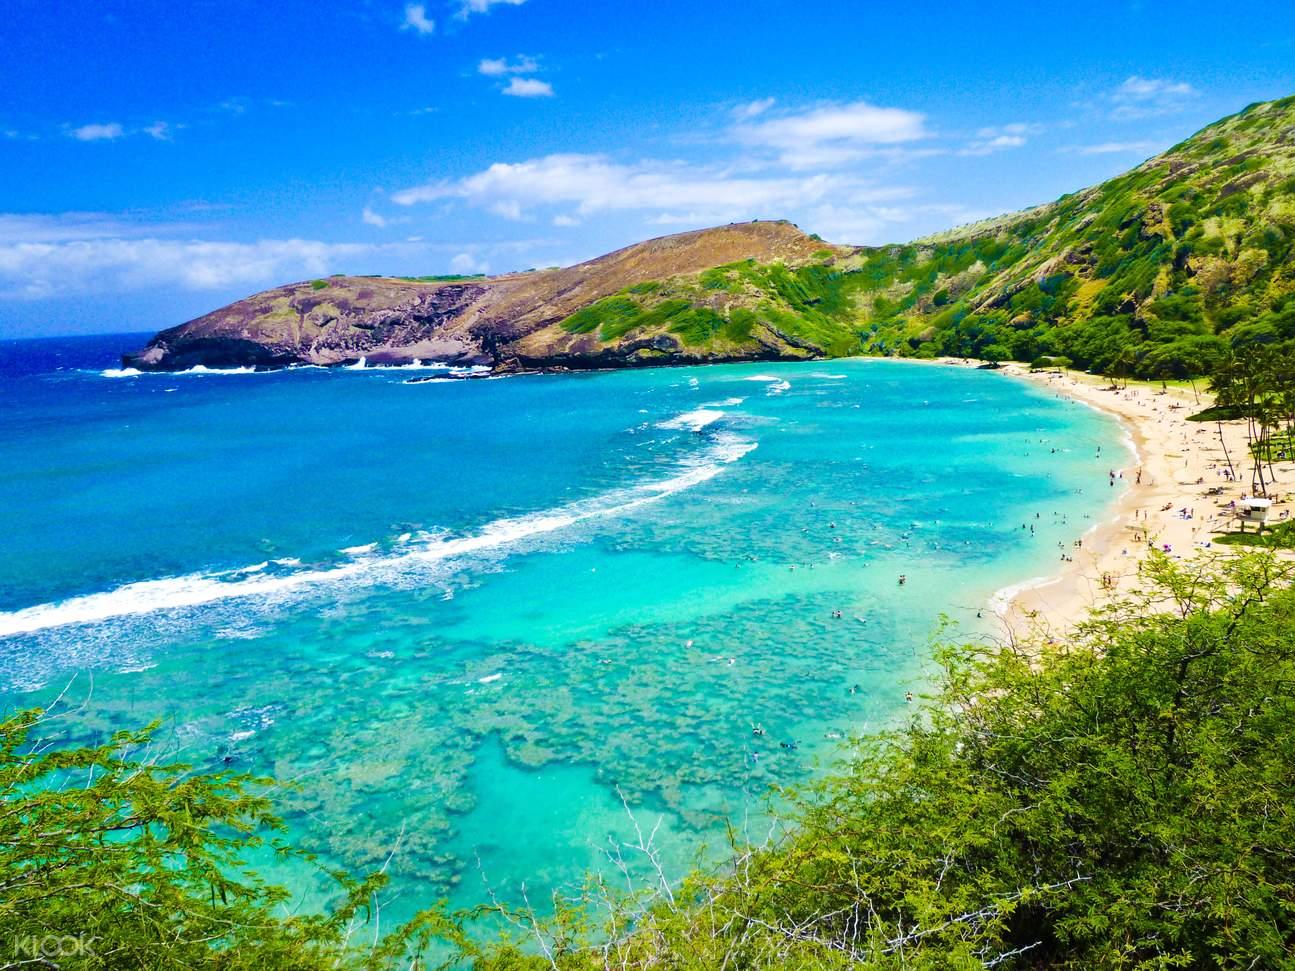 歐胡島無限景點通票,歐胡島通票,歐胡島景點通票,夏威夷